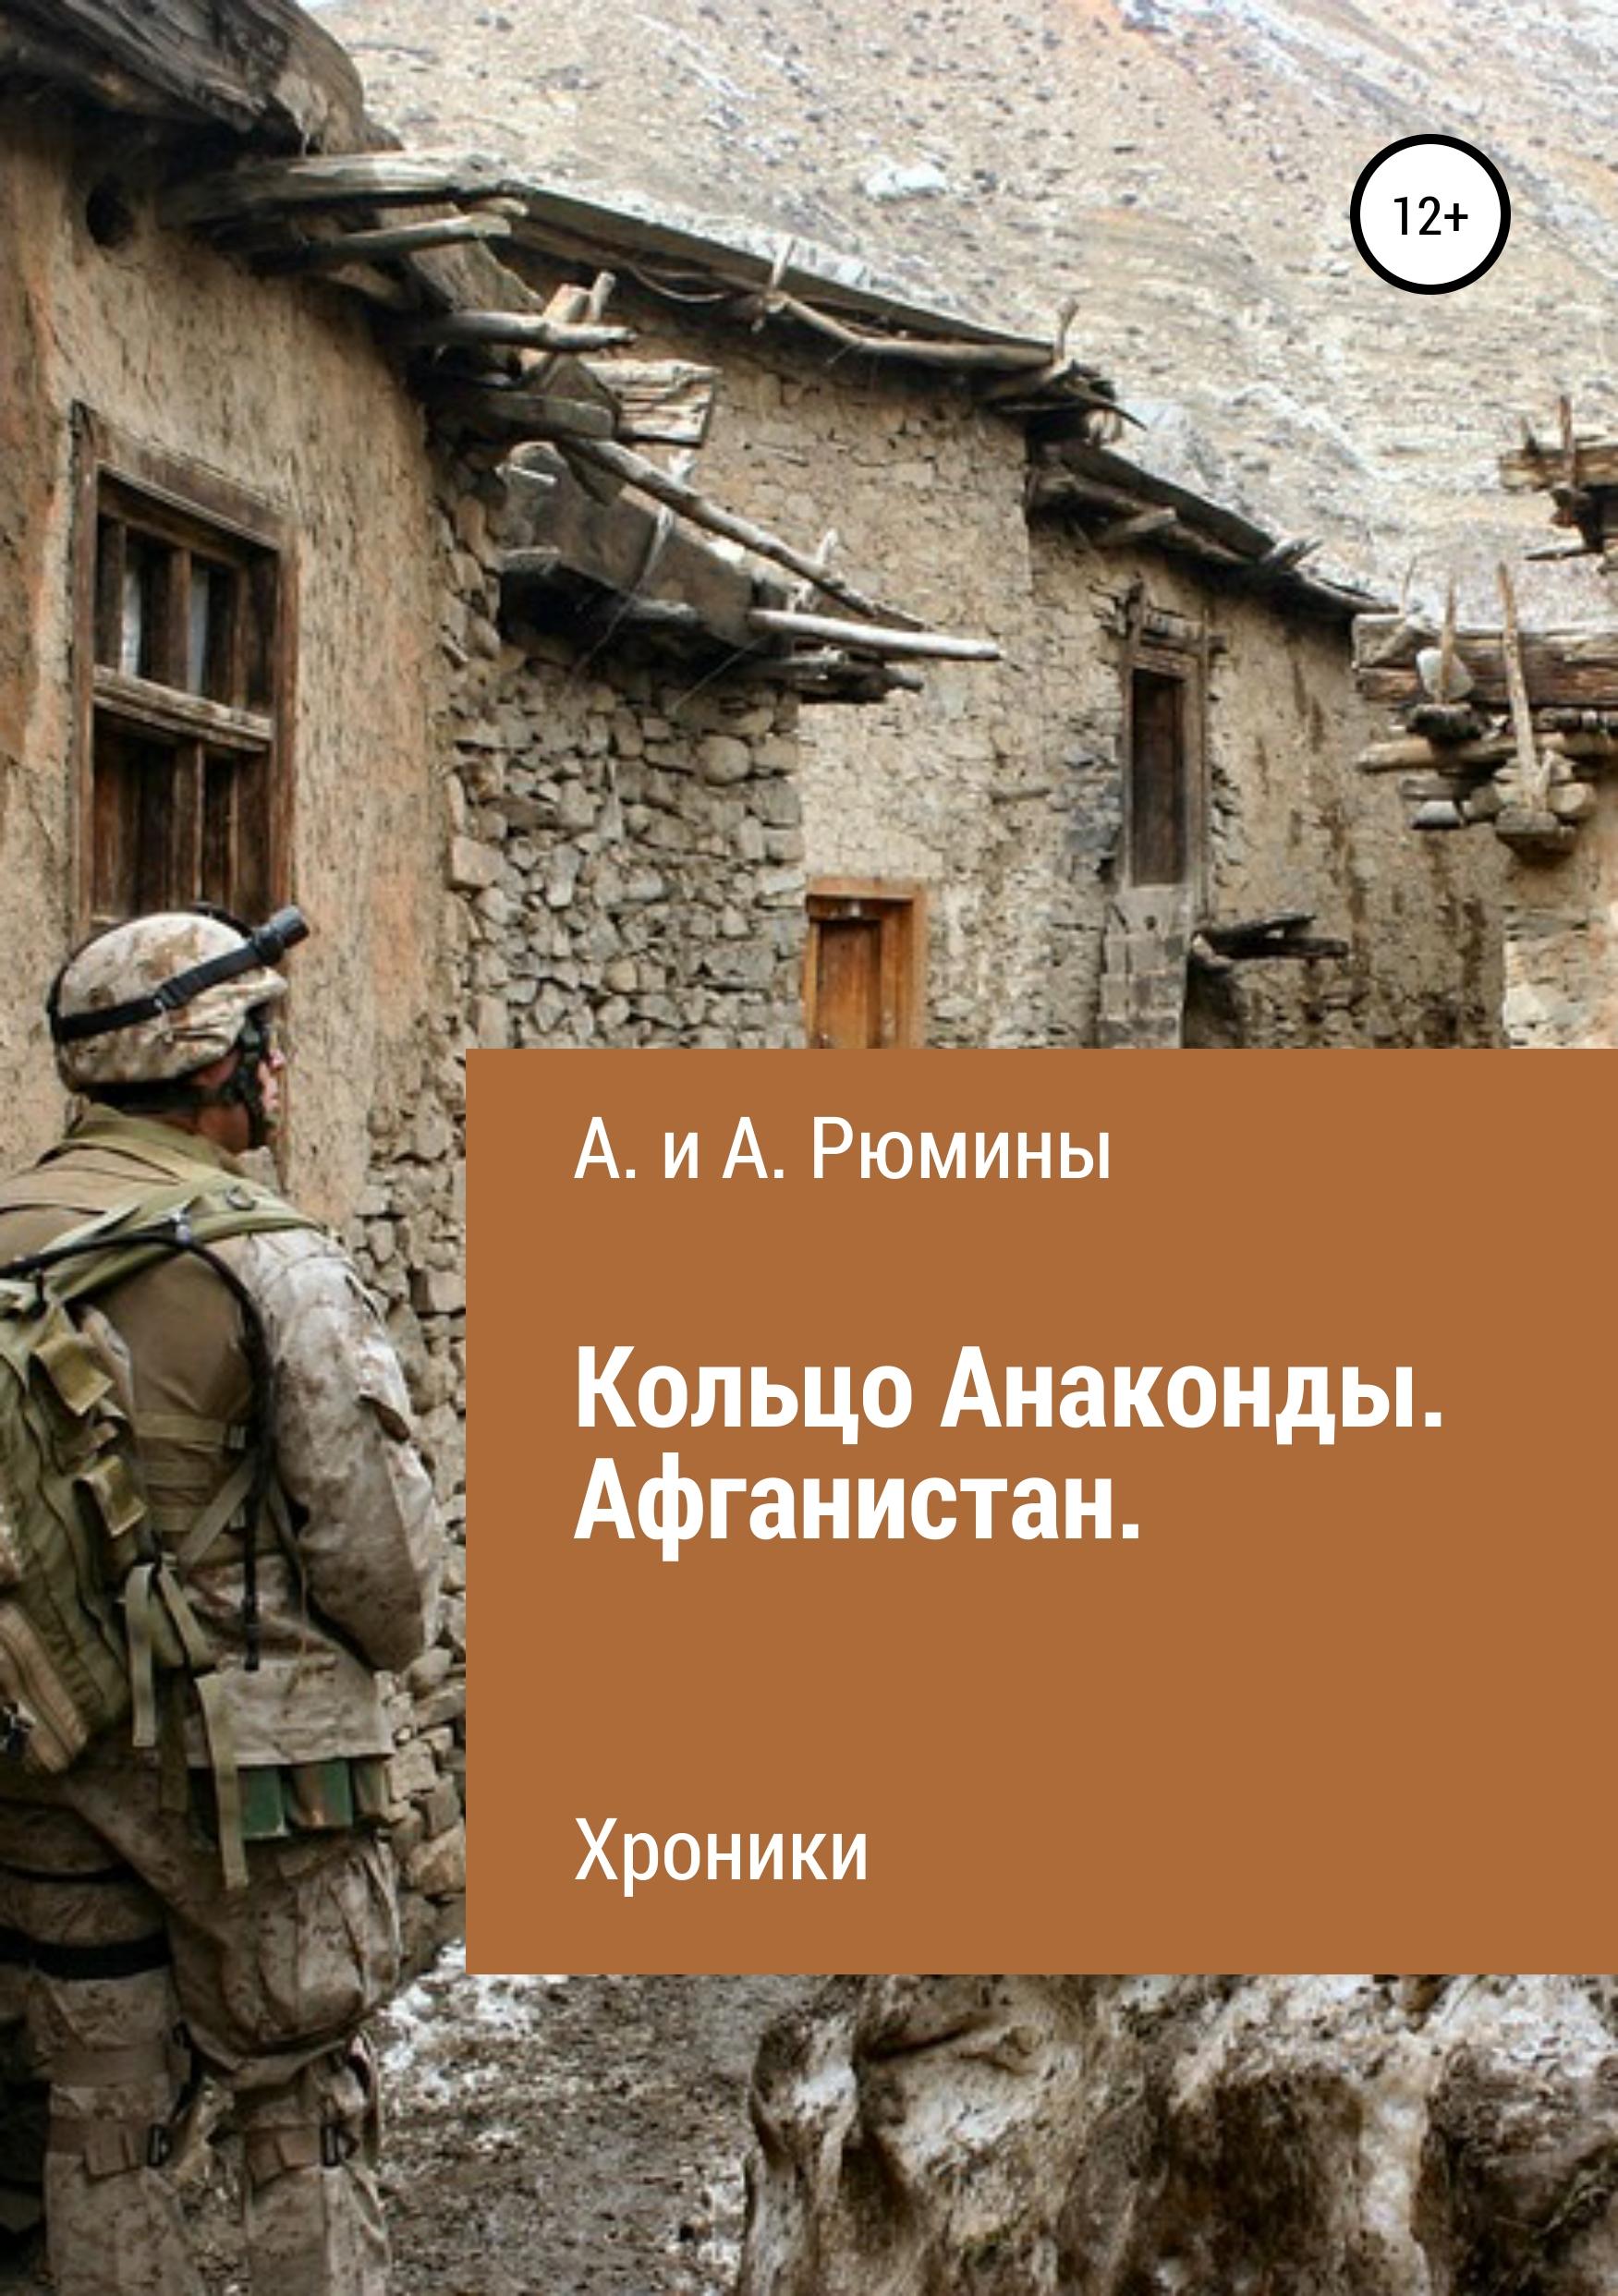 Кольцо Анаконды. Афганистан. Хроники